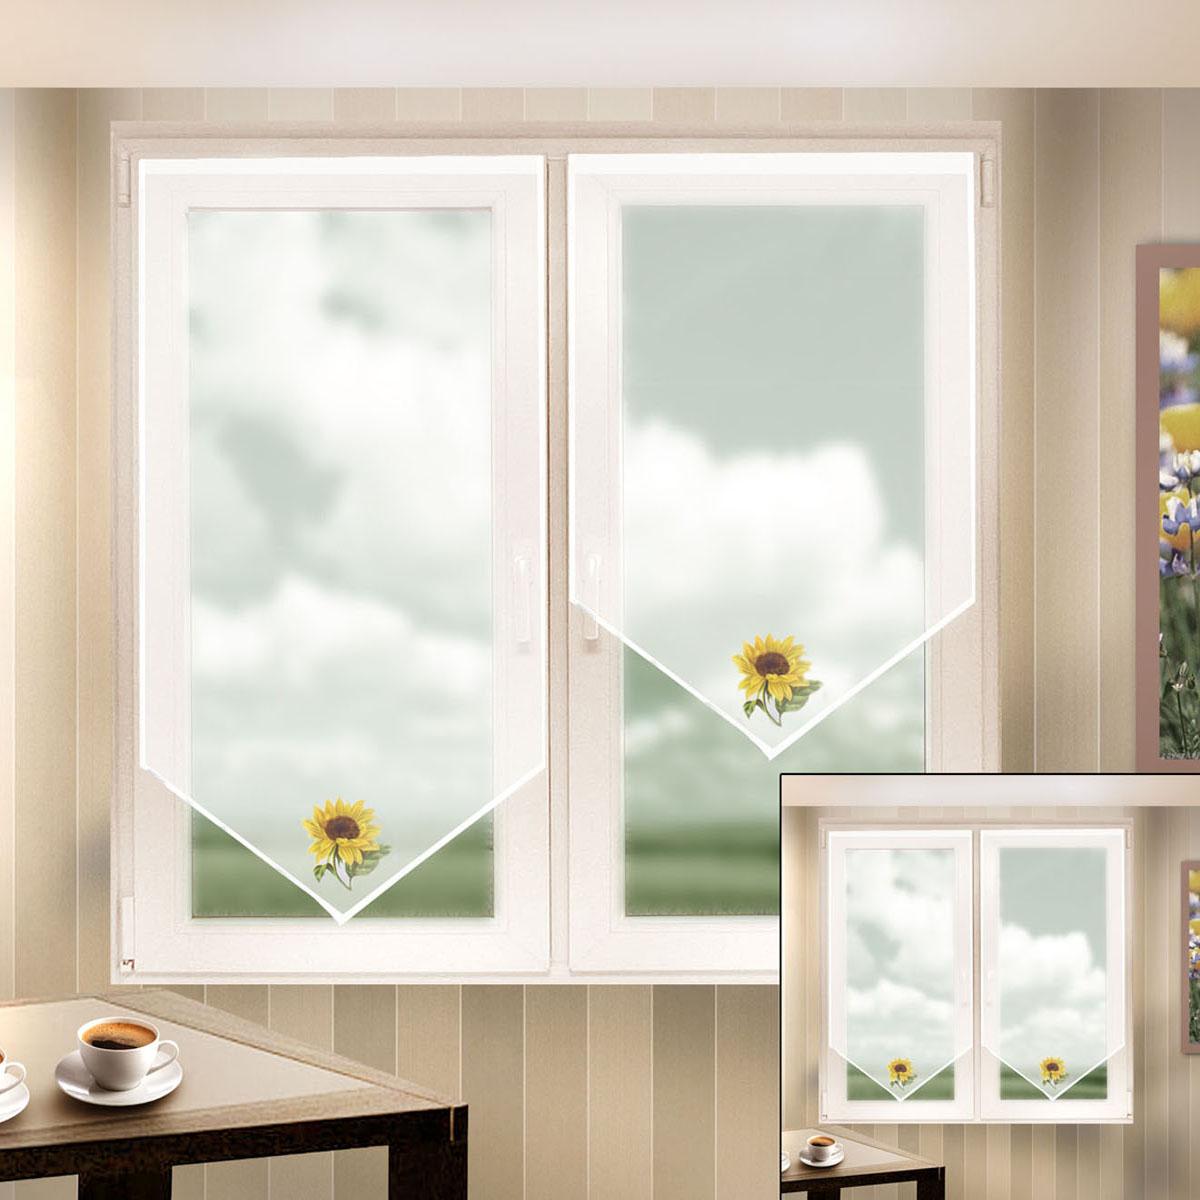 Гардина Zlata Korunka, на липкой ленте, цвет: белый, высота 120 см. 666050-1SaturnГардина на липкой ленте Zlata Korunka, изготовленная из легкого полиэстера, станет великолепнымукрашением любого окна. Полотно из белой вуали с печатным рисунком привлечет ксебе внимание и органично впишется в интерьер комнаты.Крепление на липкой ленте, не требующее сверления стен и карниза. Многоразовое и мгновенное крепление.